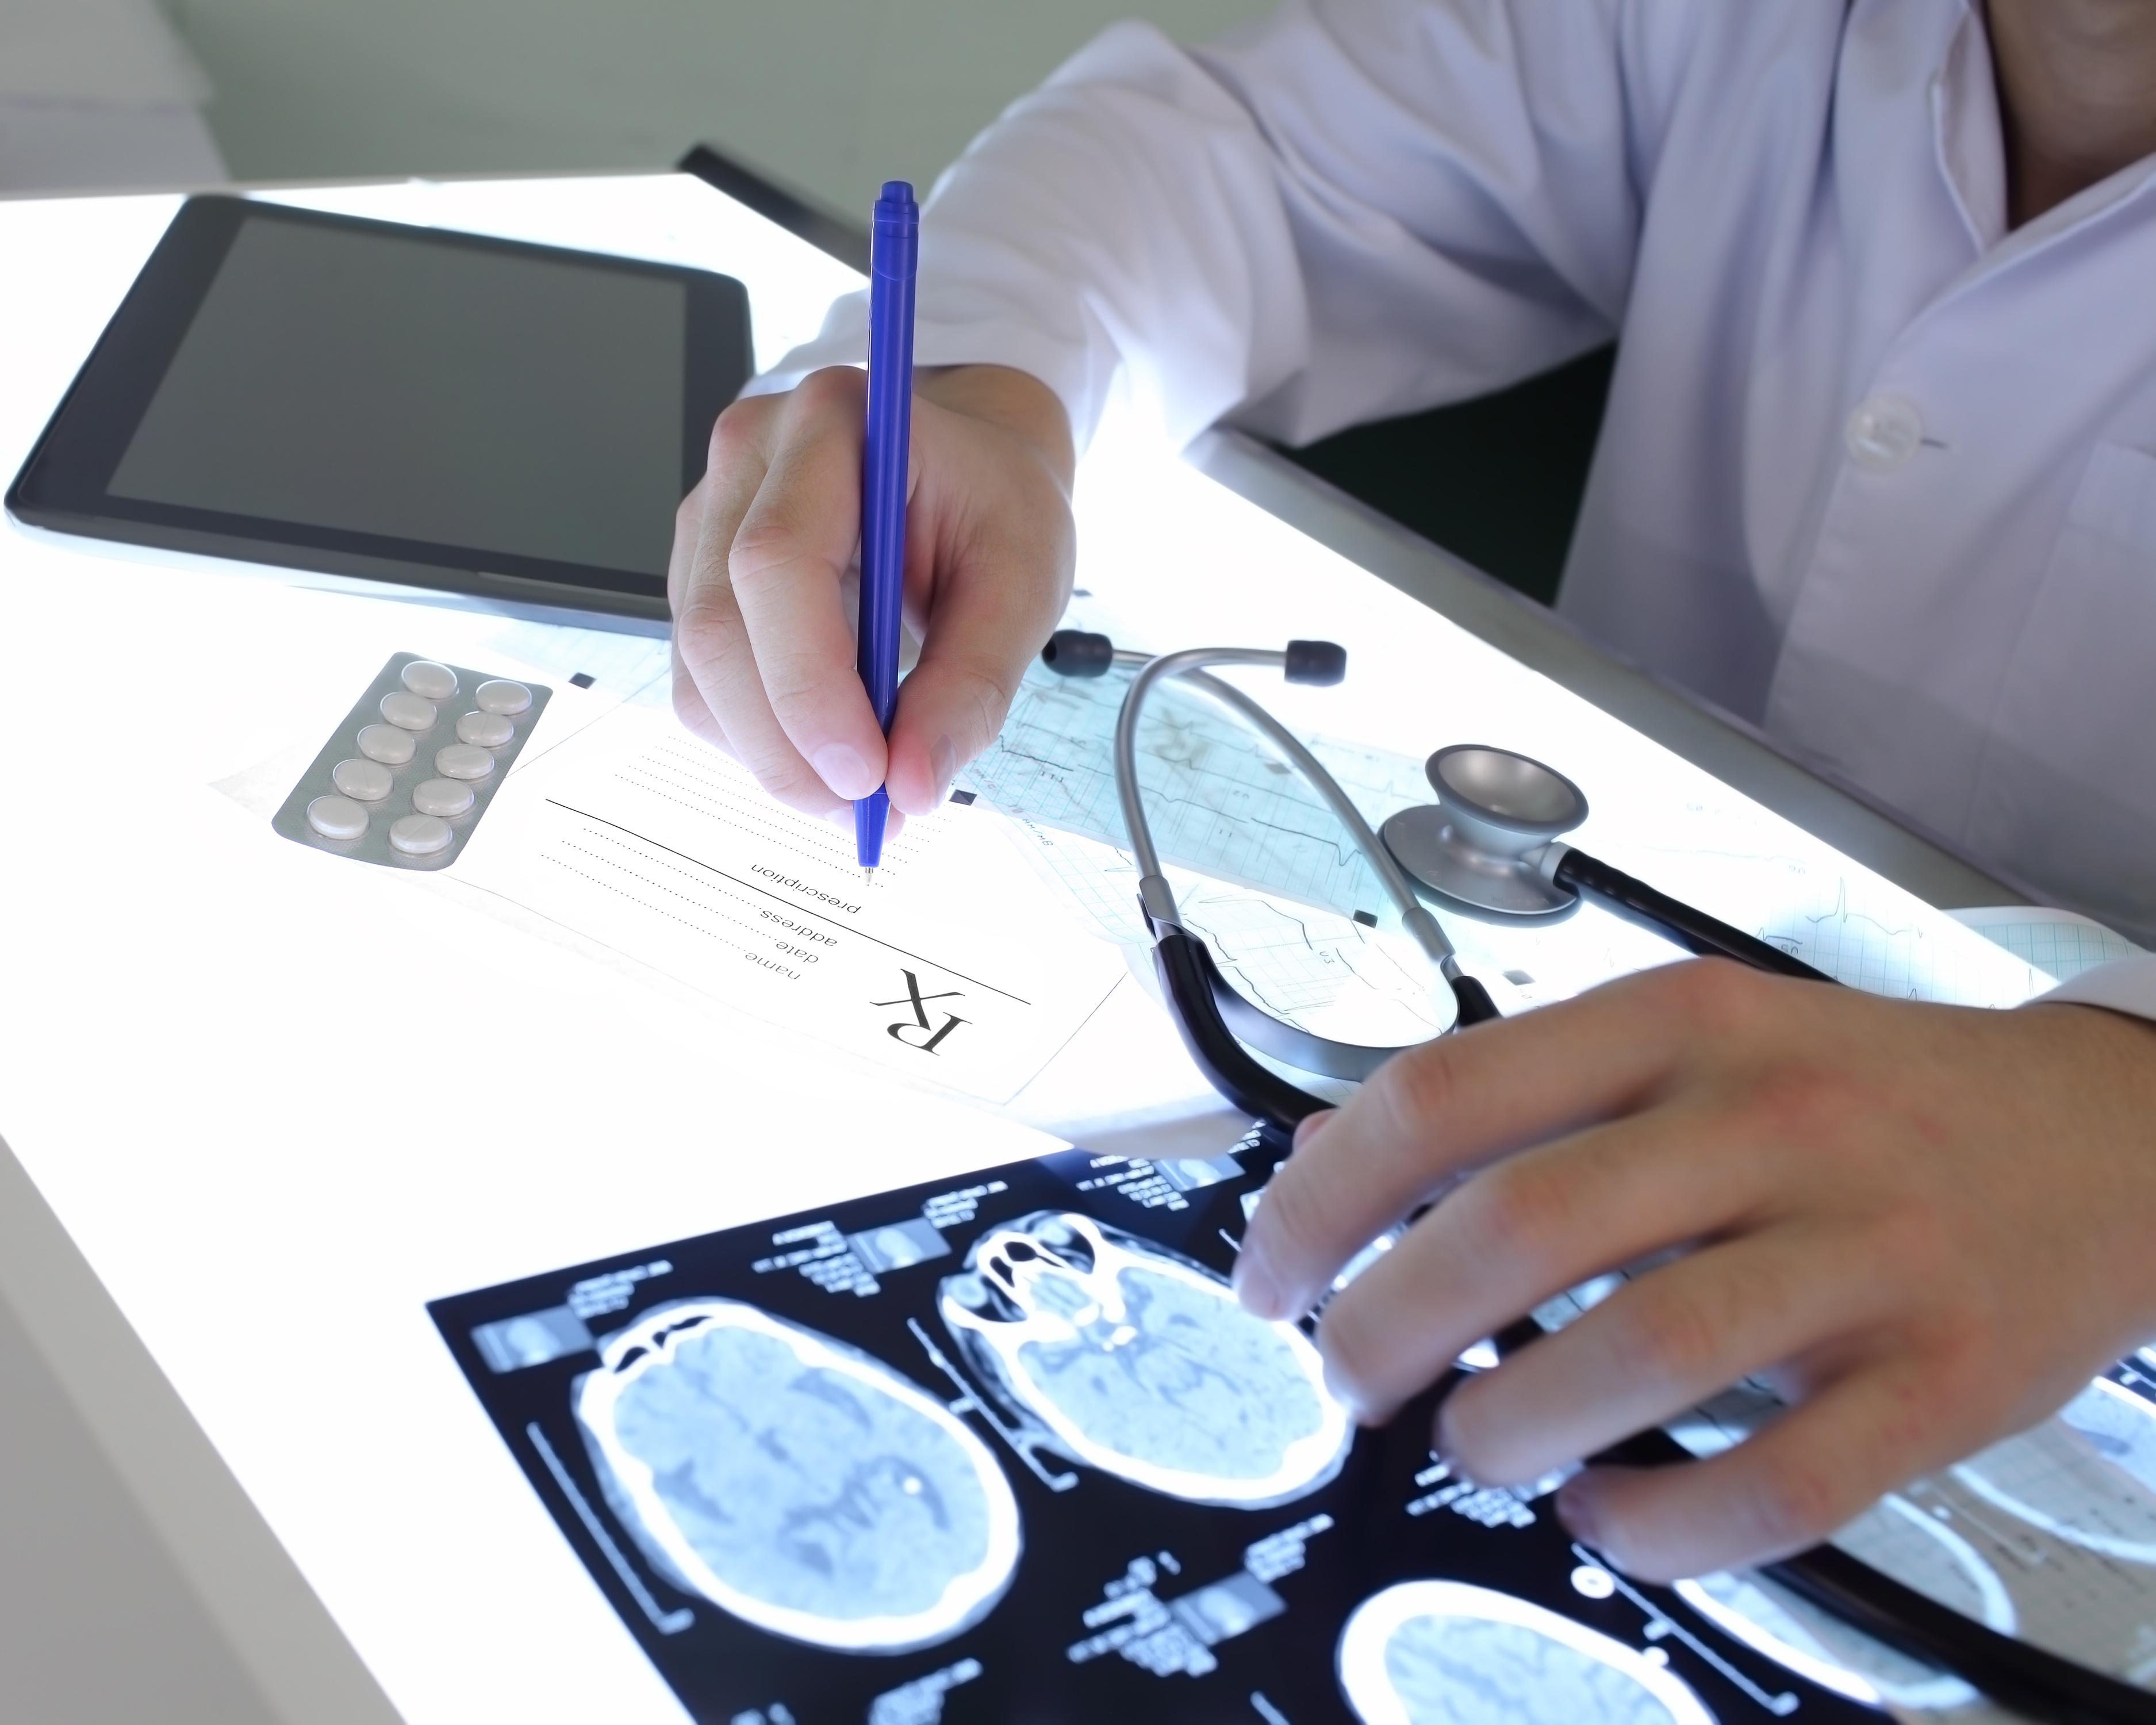 L'épilepsie pharmaco-résistante affecte tous les aspects de la vie, et aucun autre traitement n'est aussi efficace que la chirurgie de l'épilepsie